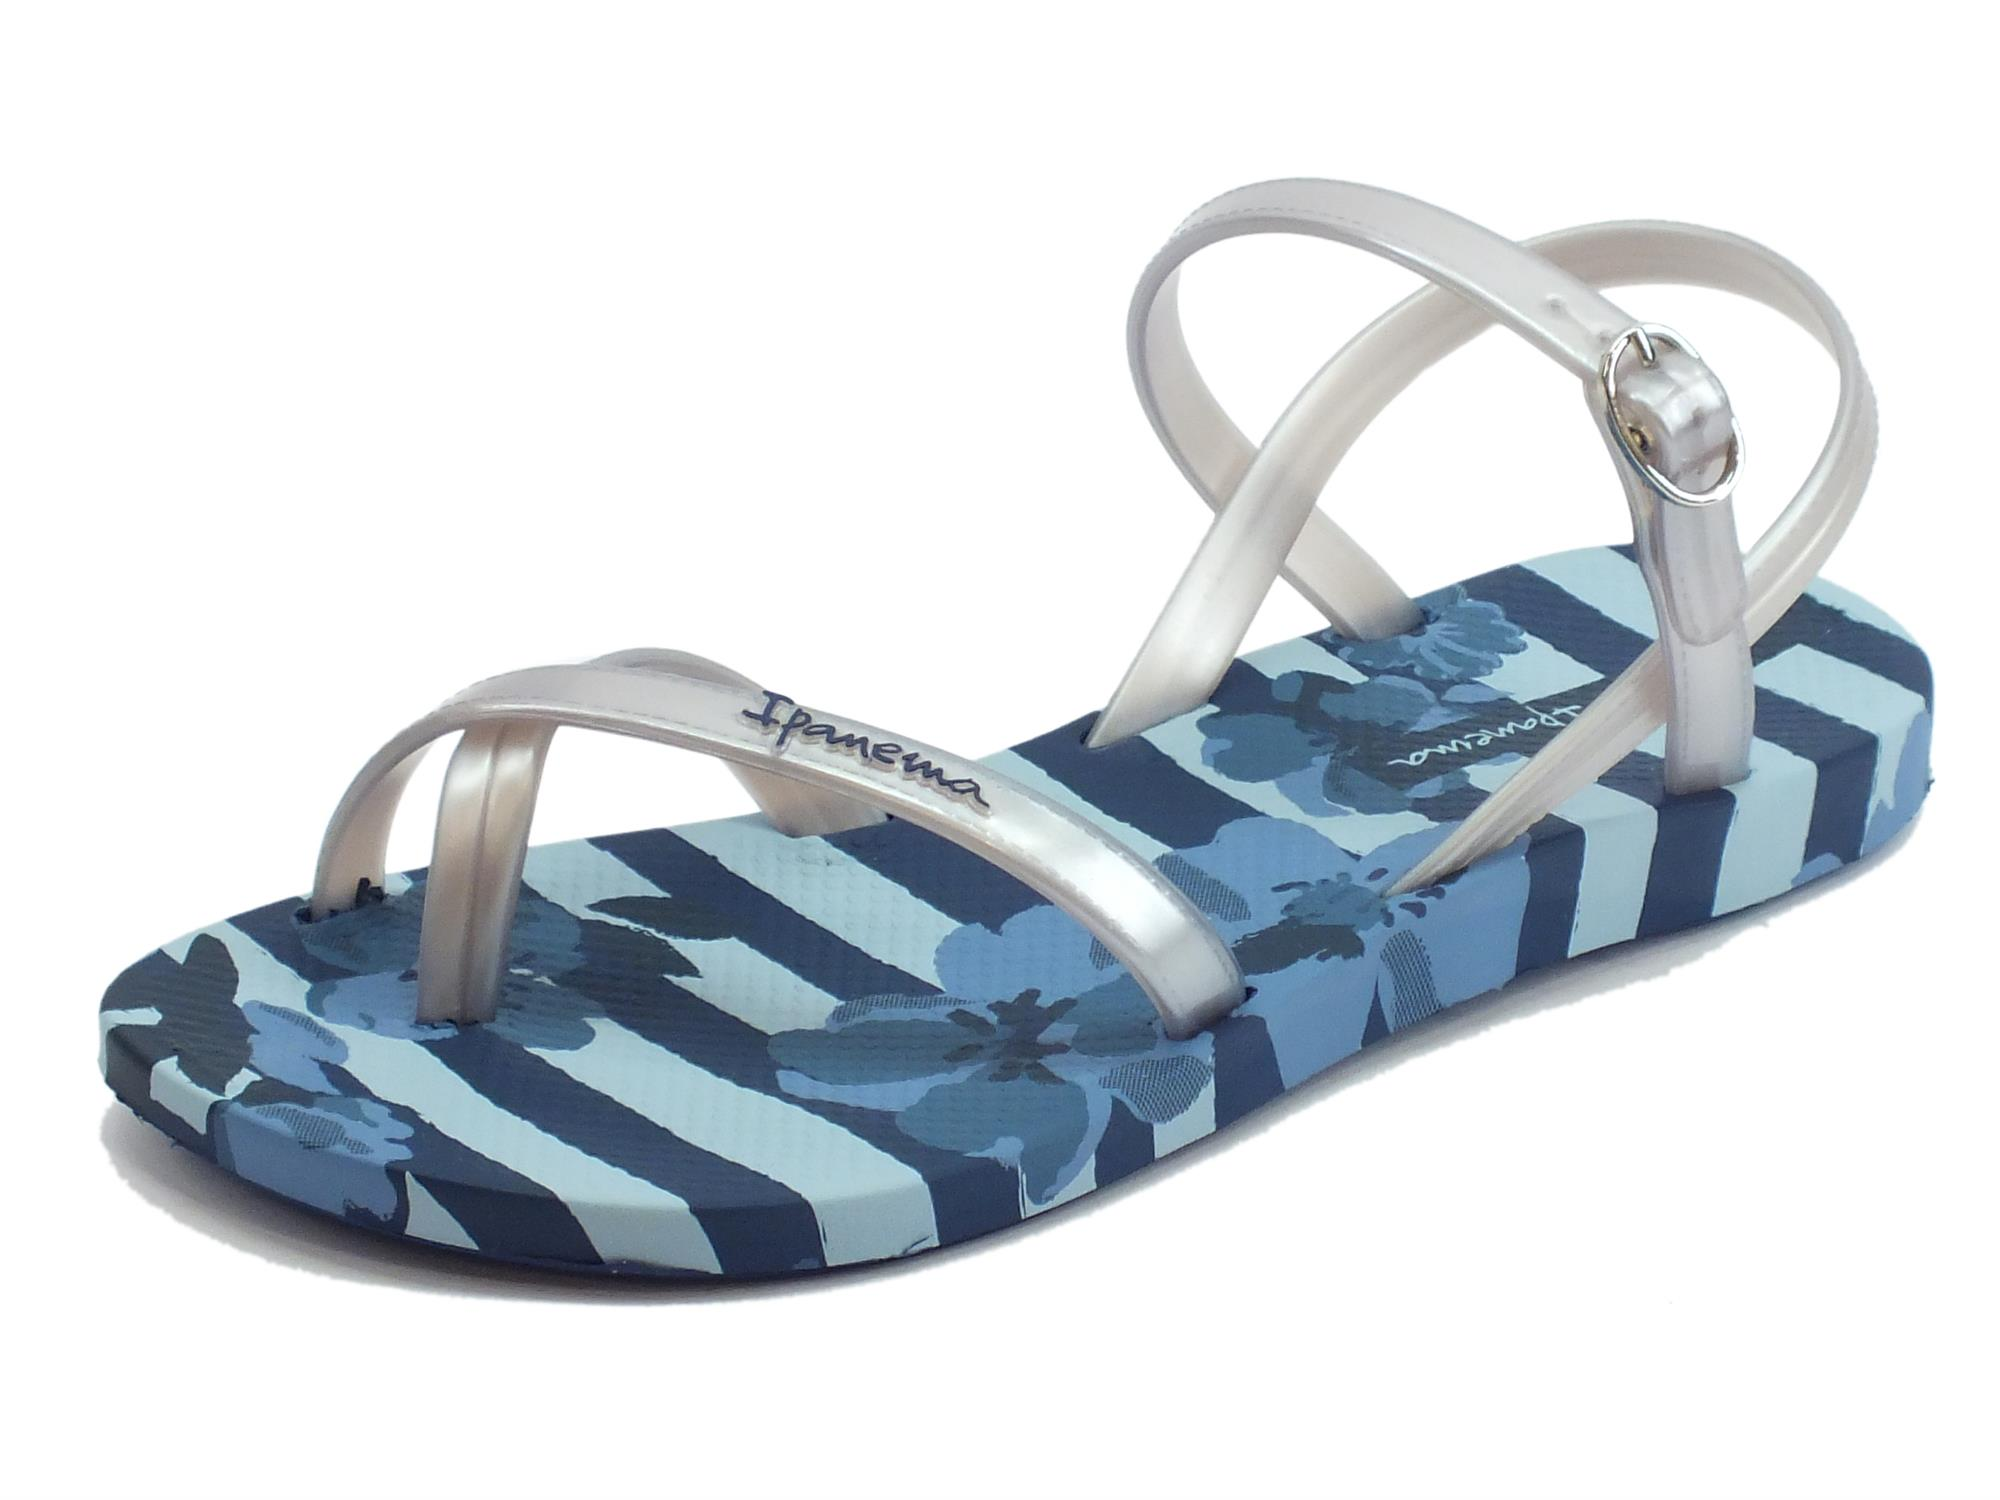 Sandali Ipanema Fashion Sand per donna in caucciù blu e argento zeppa bassa 5415b044a68